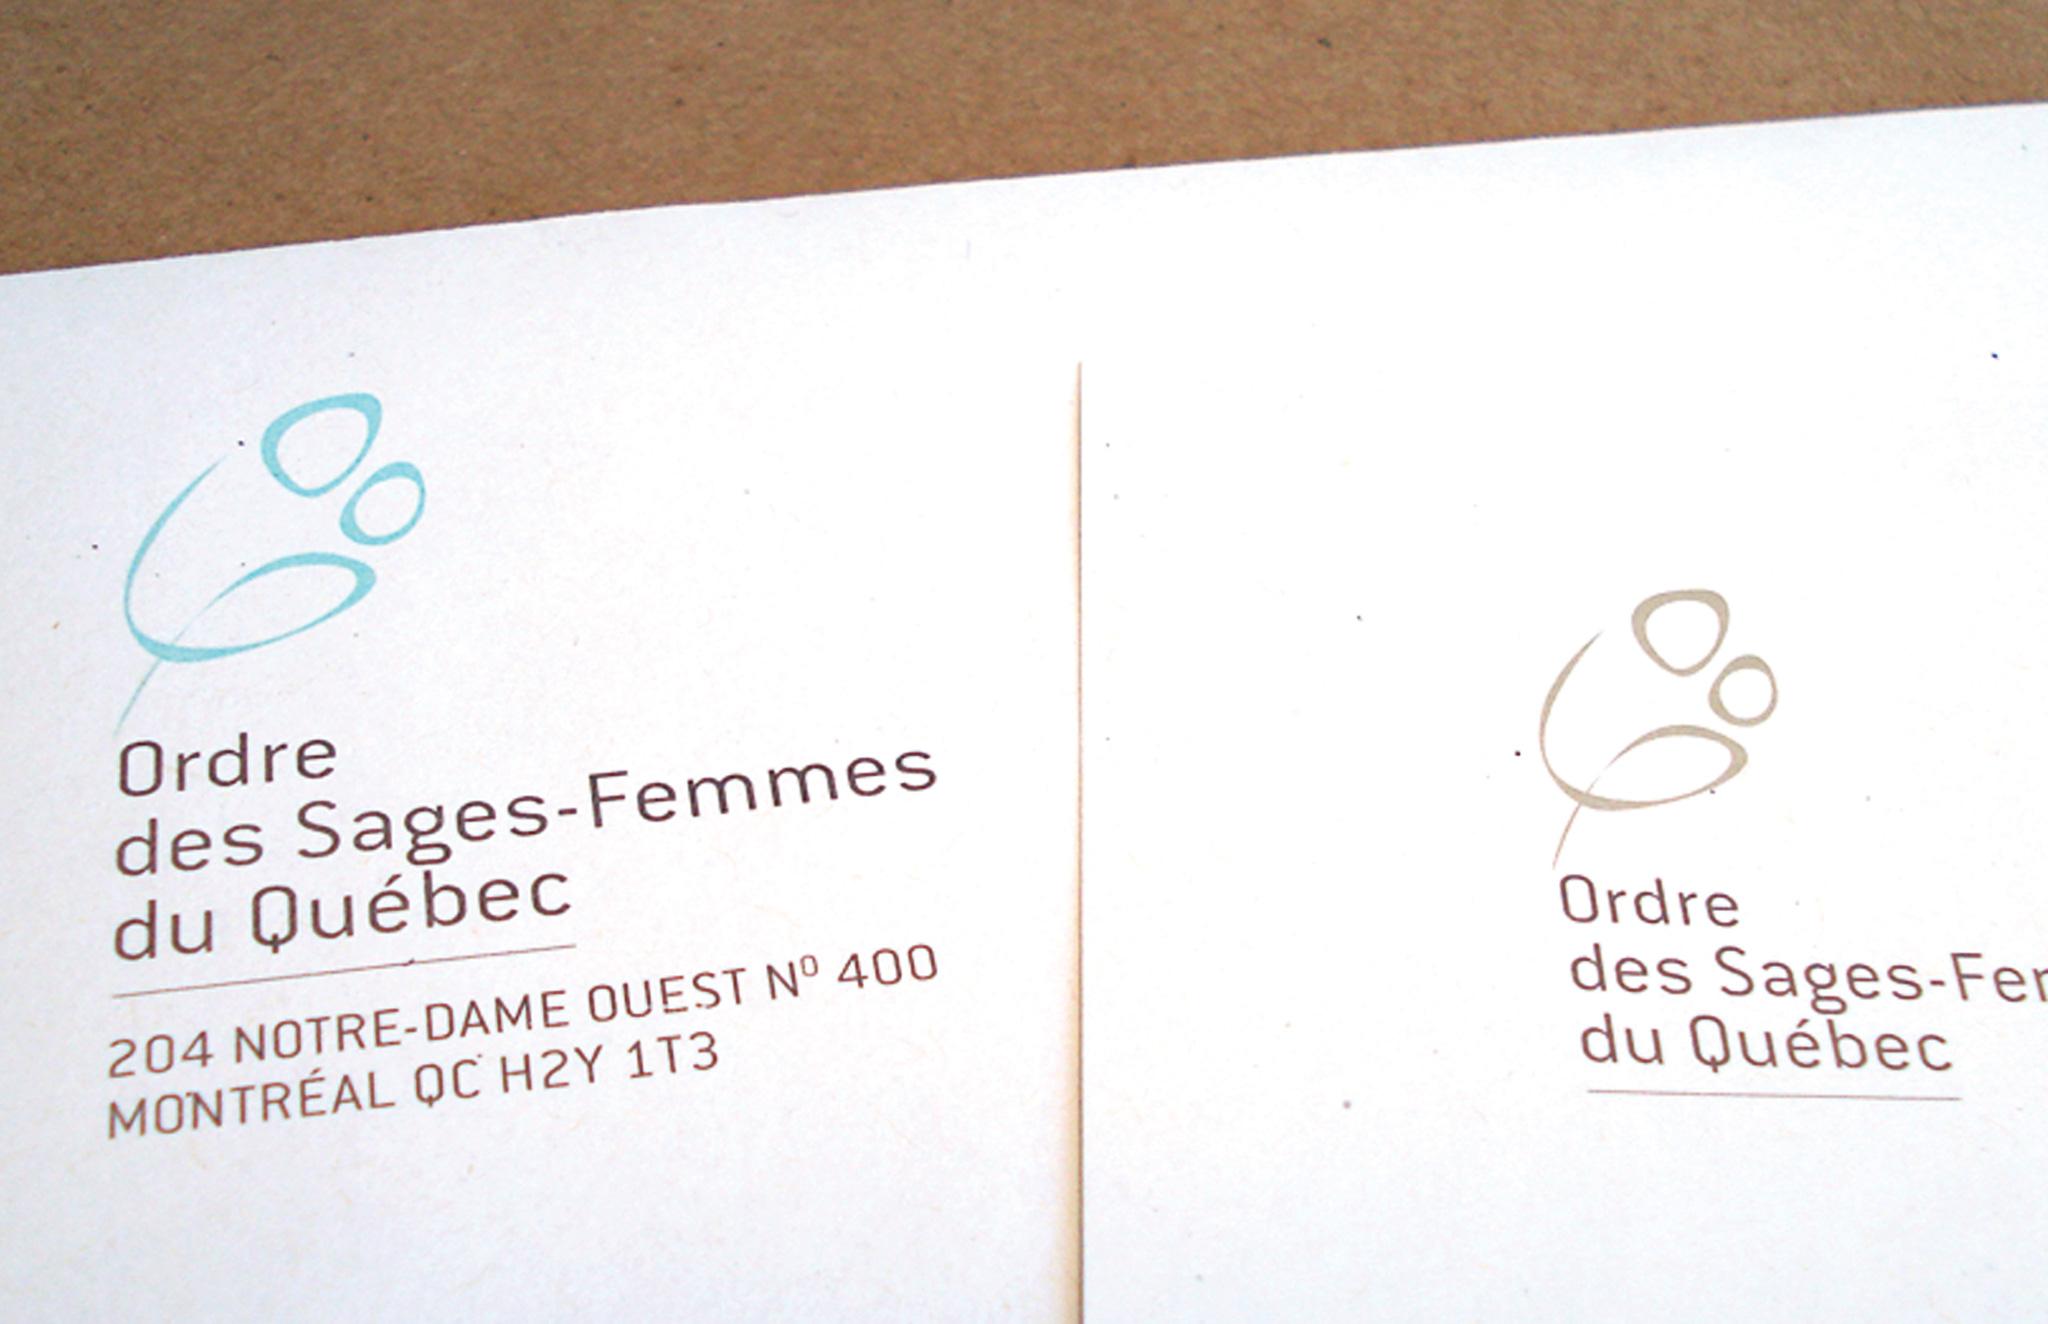 Rafraîchissement visuel logo et outils corporatifs de l'OSFQ.